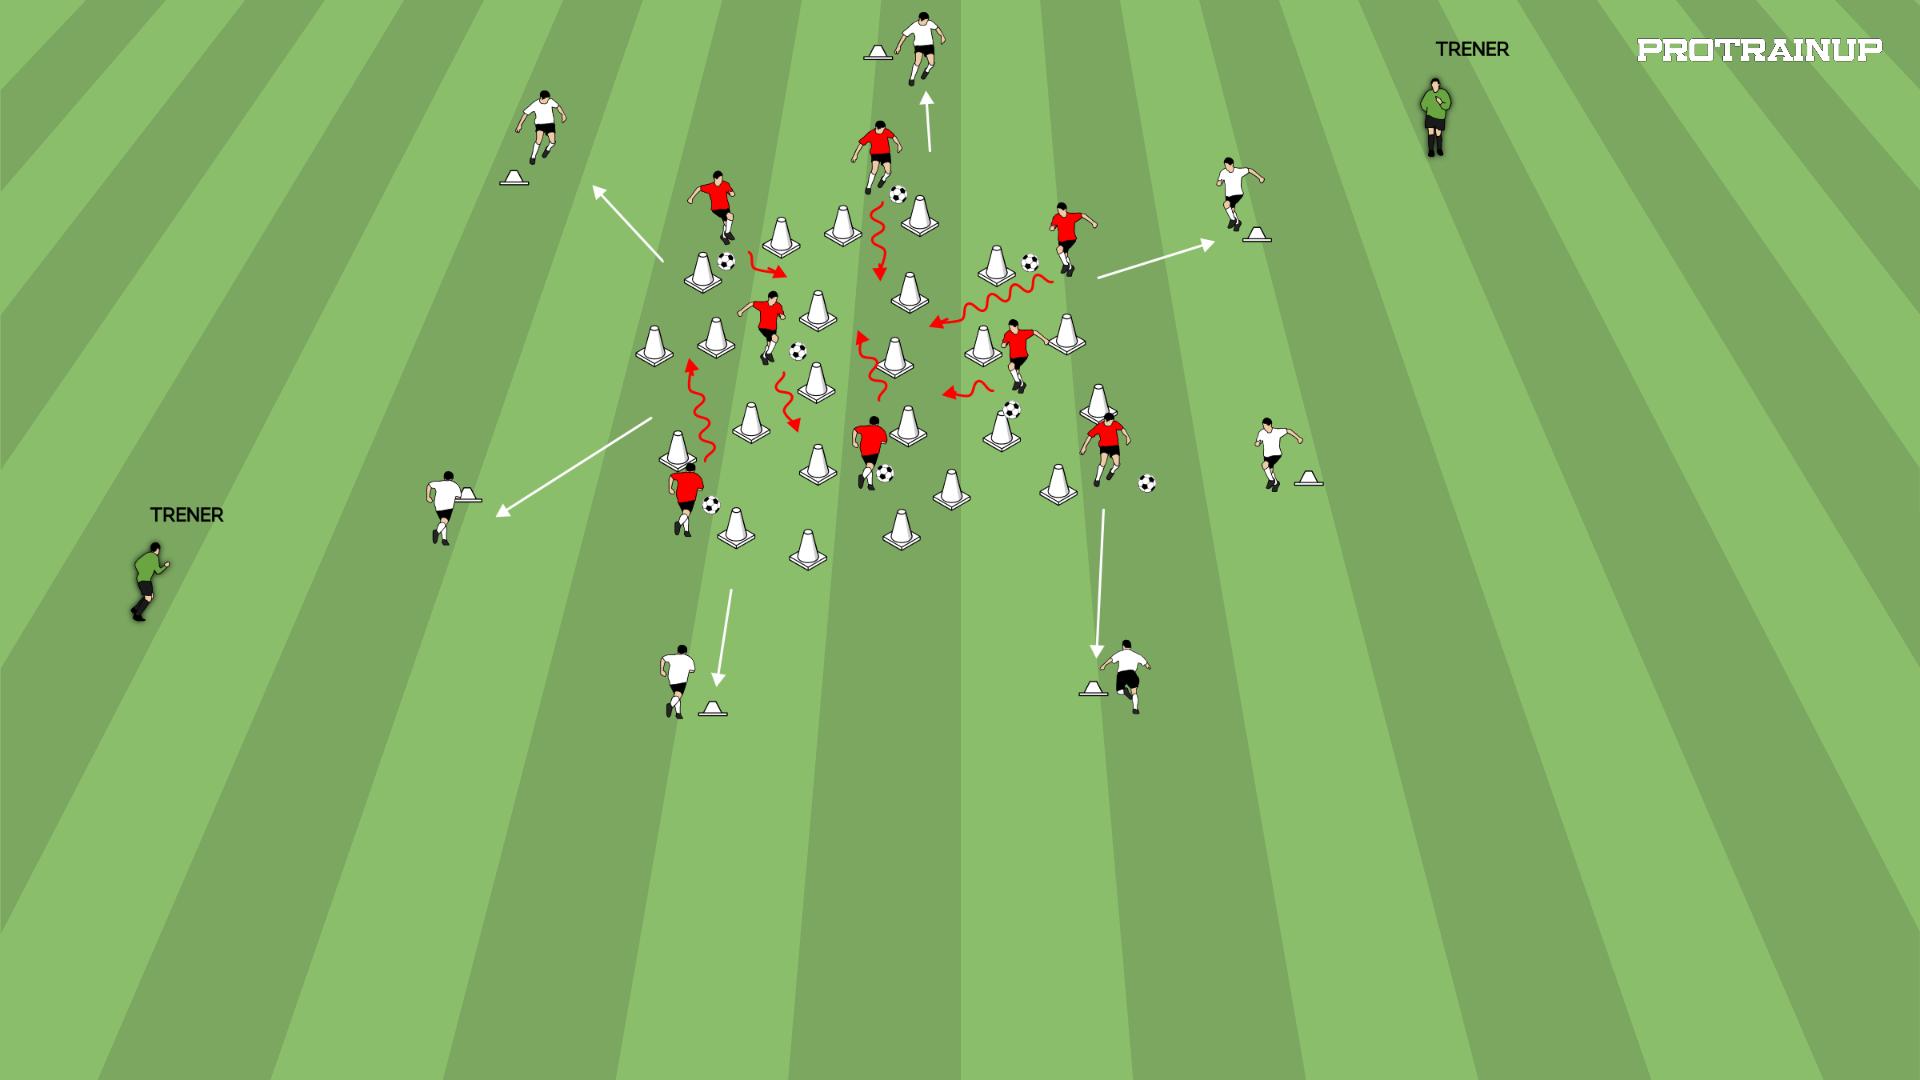 Prowadzenie piłki między pachołkami z podaniem w chaosie